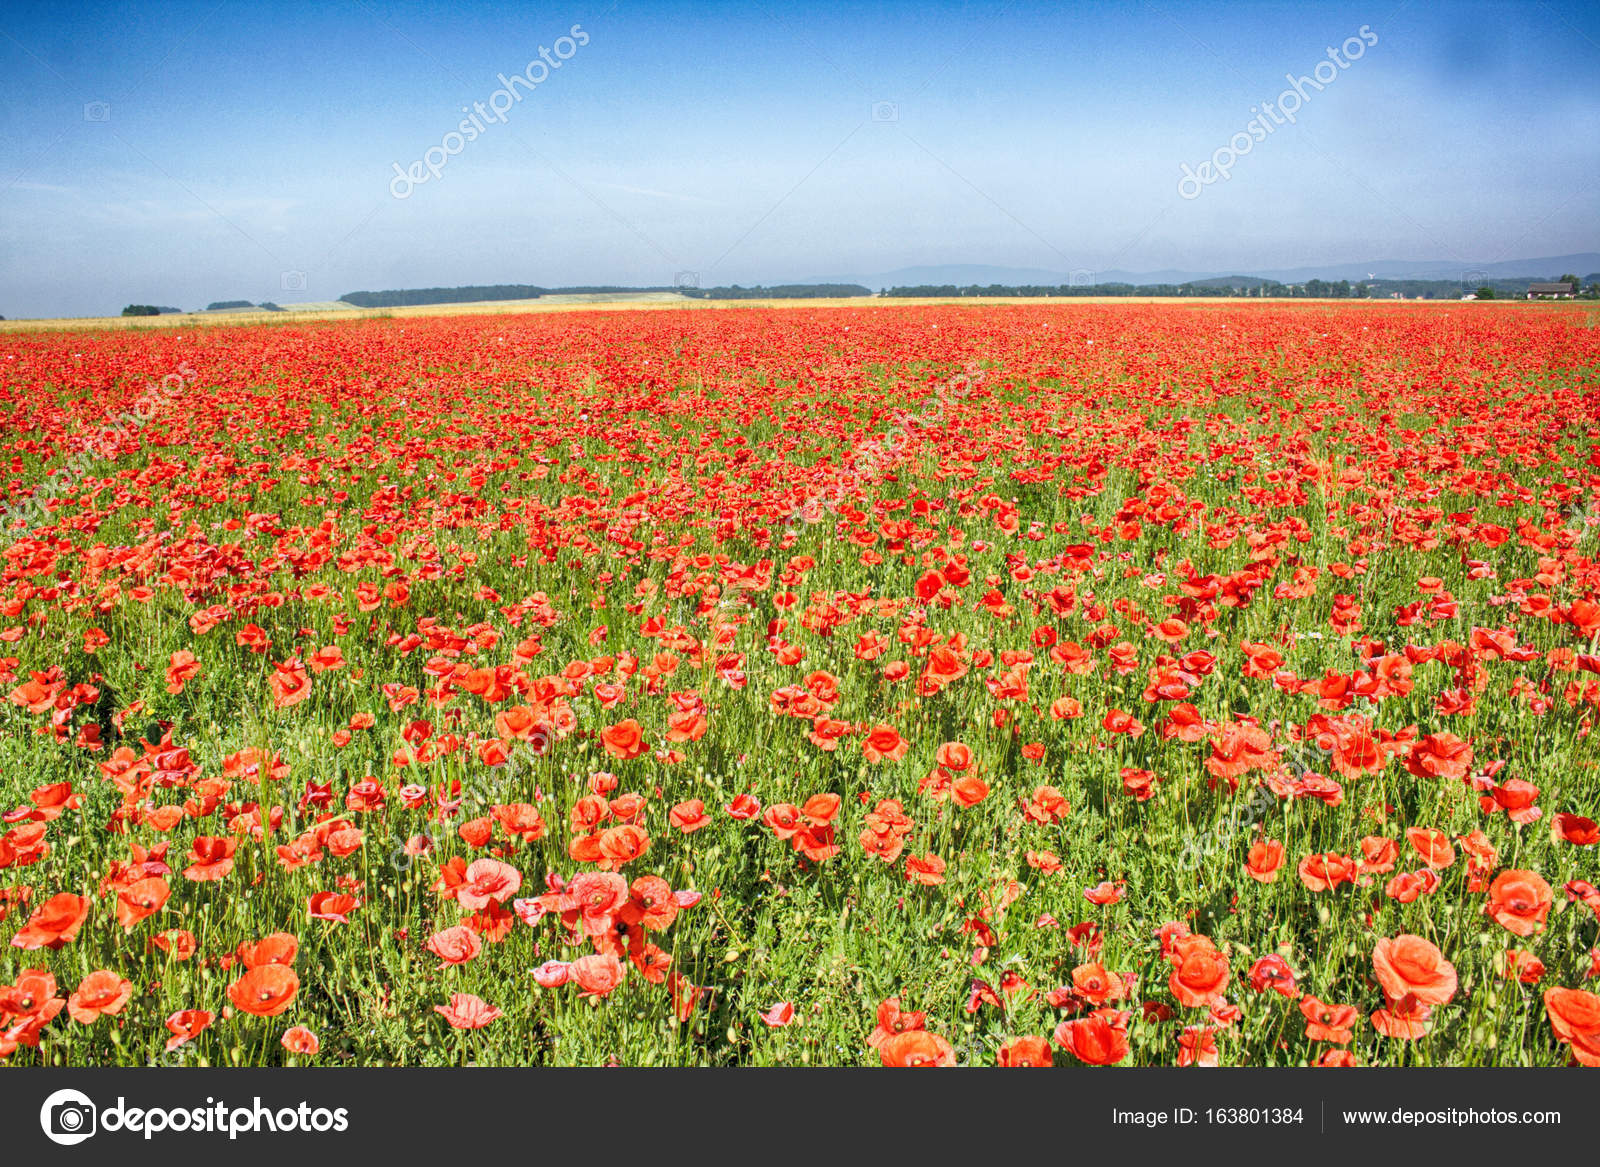 Poppy Flower Field Stock Photo Jonnysek 163801384